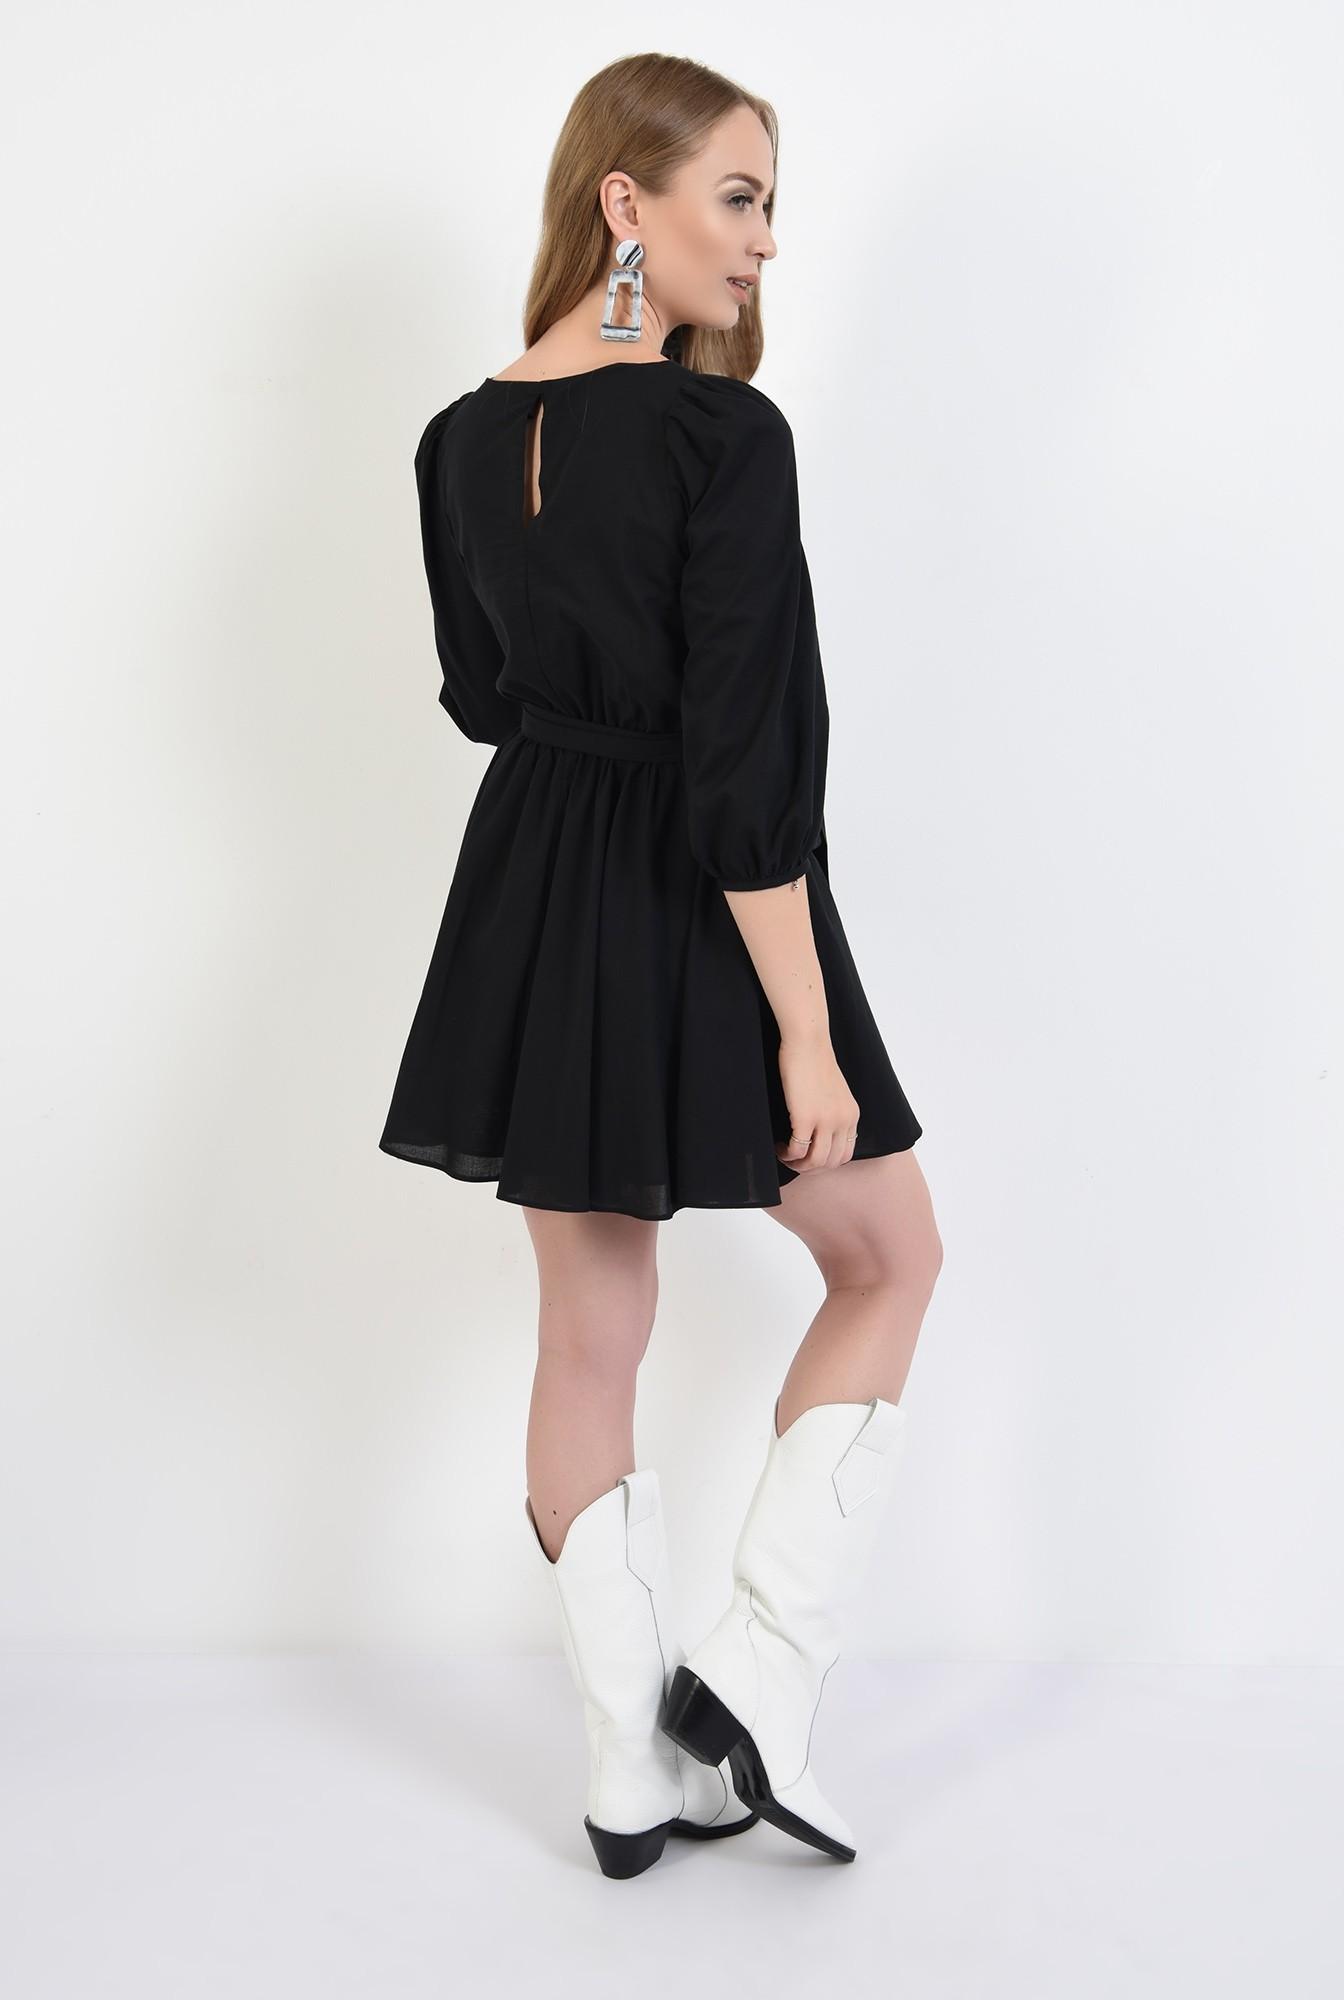 1 - 360 - rochie casual, clos, scurta, cu cordon, maneci bufante, neagra